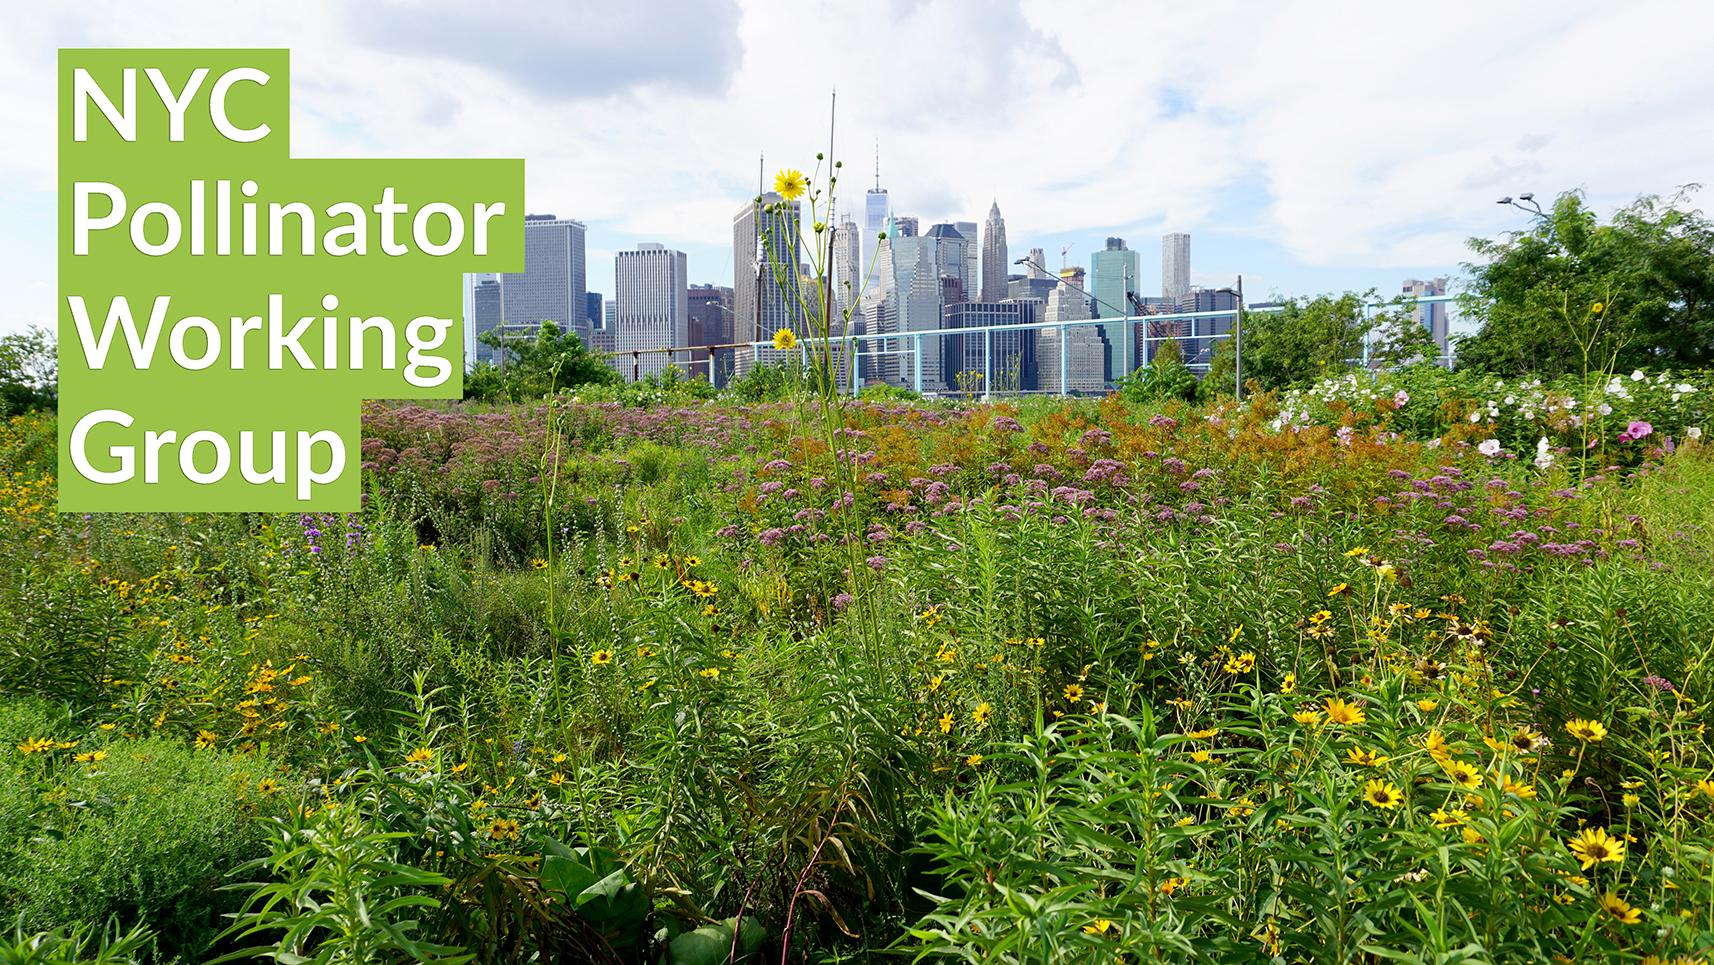 Brooklyn Bridge Park Pier 6 Flower Field, photo by: Jennifer Nitzky